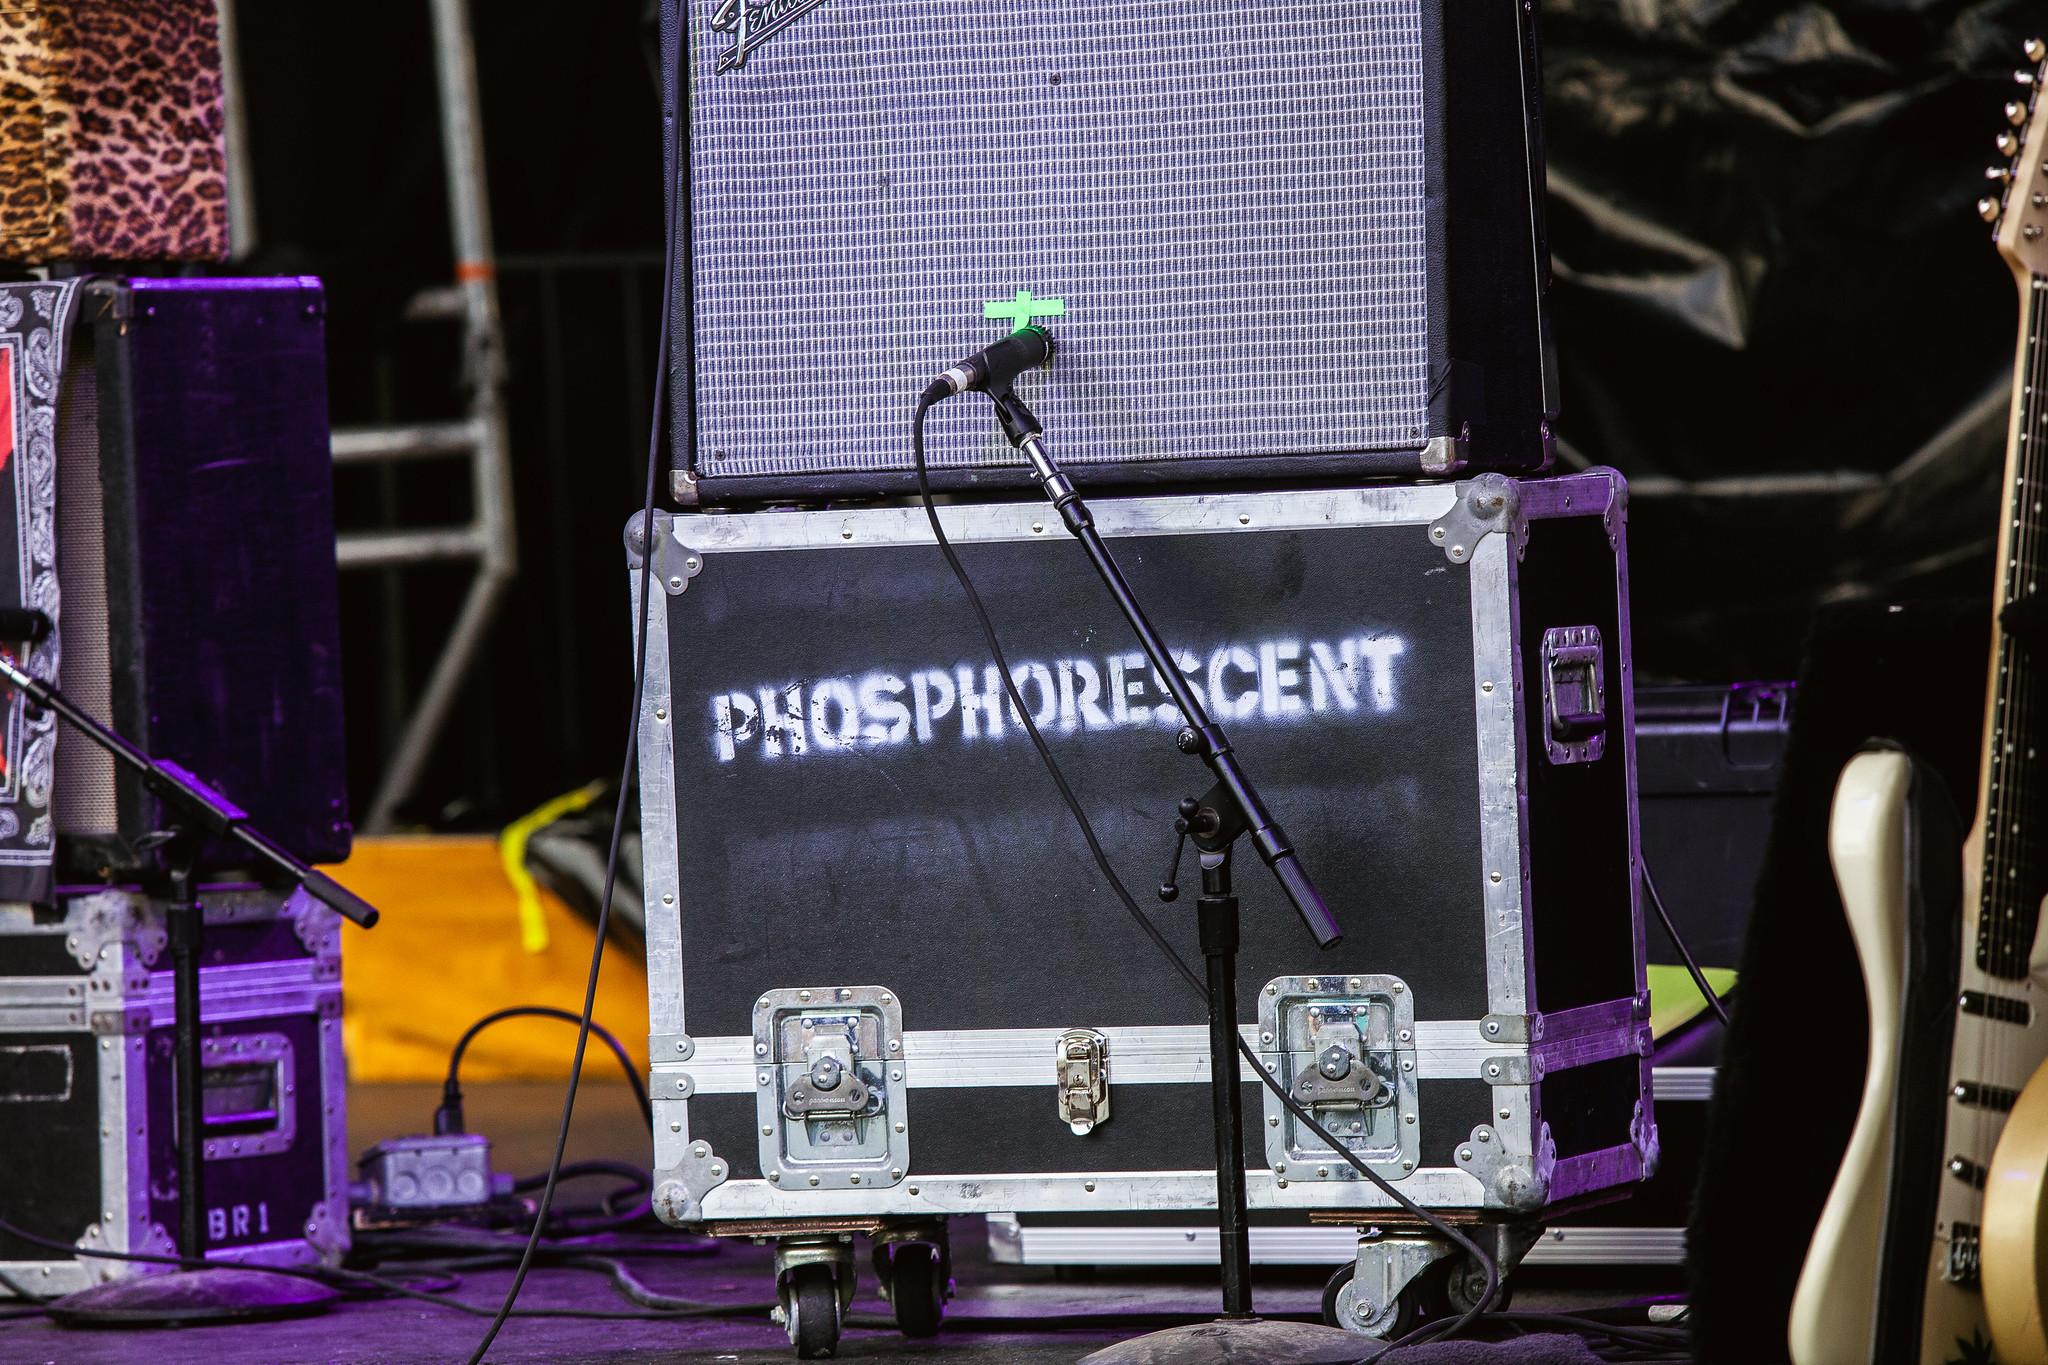 Phosphorescent